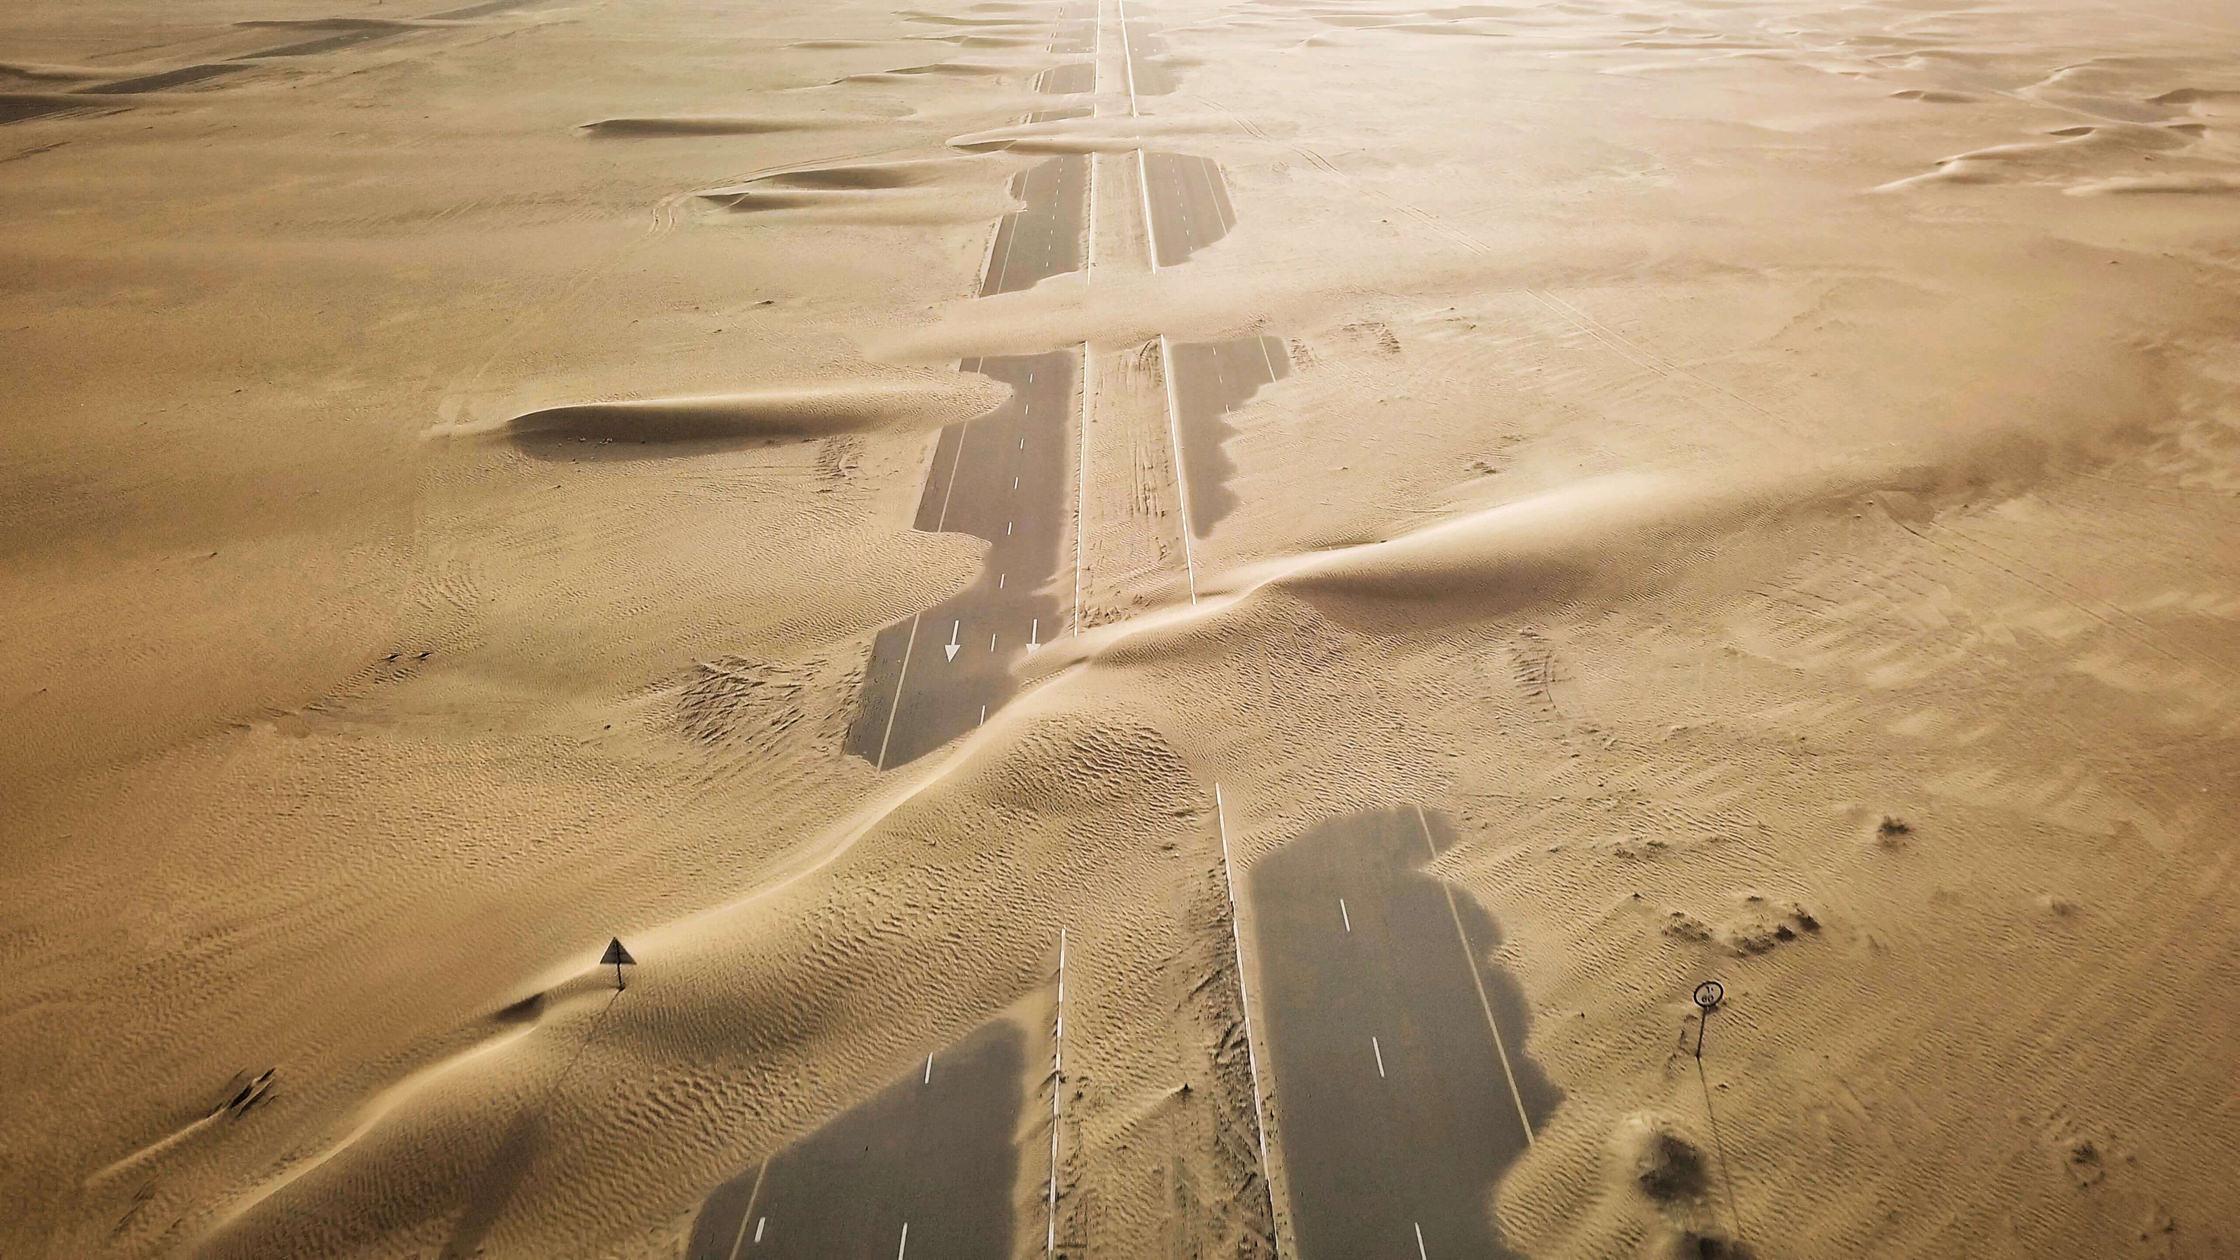 Dubai desert roads